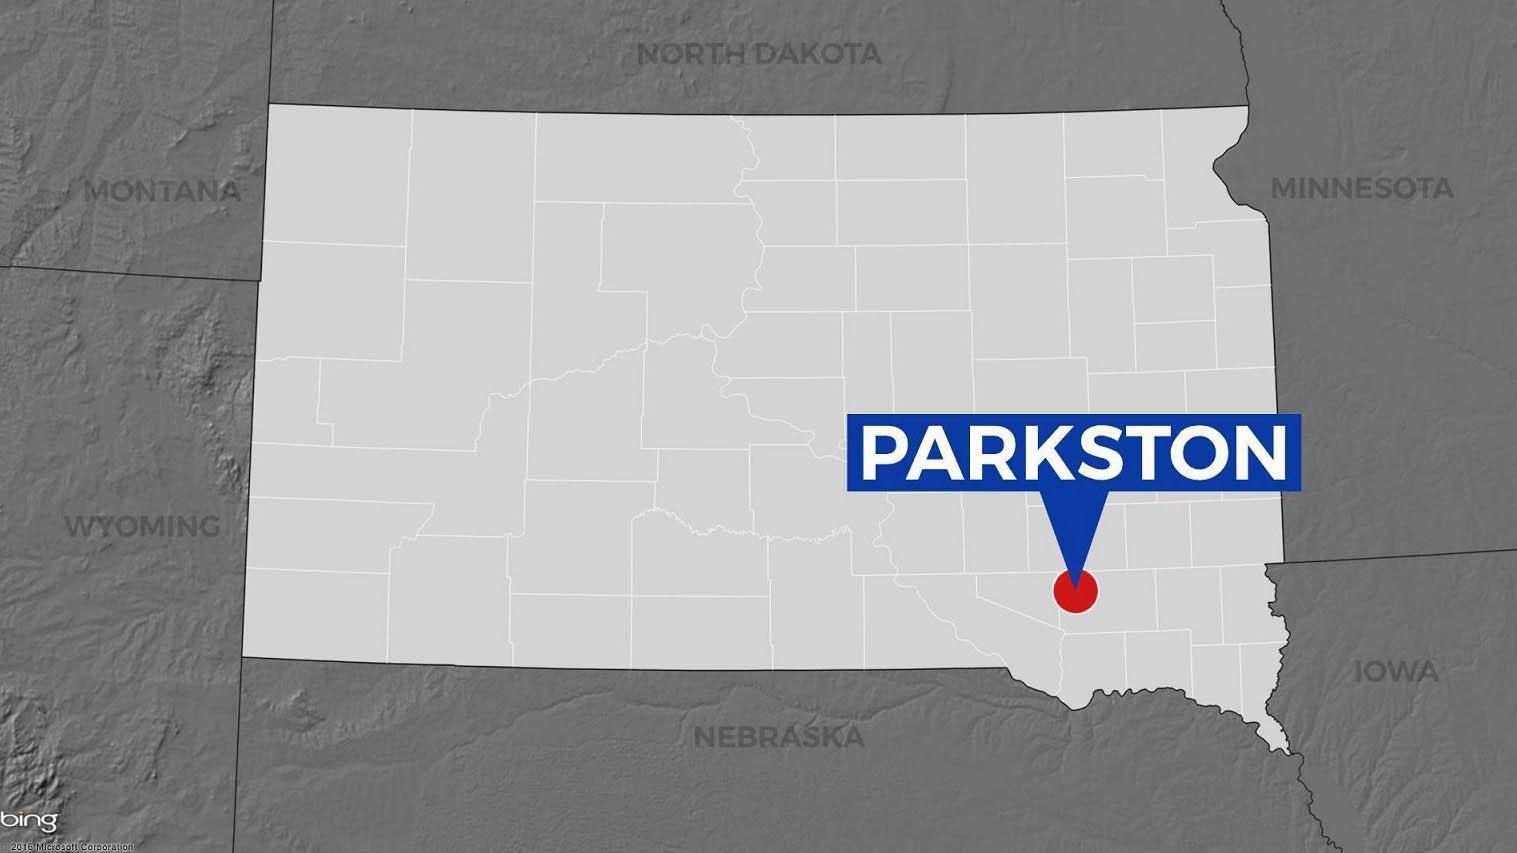 KELO Parkston South Dakota map locator